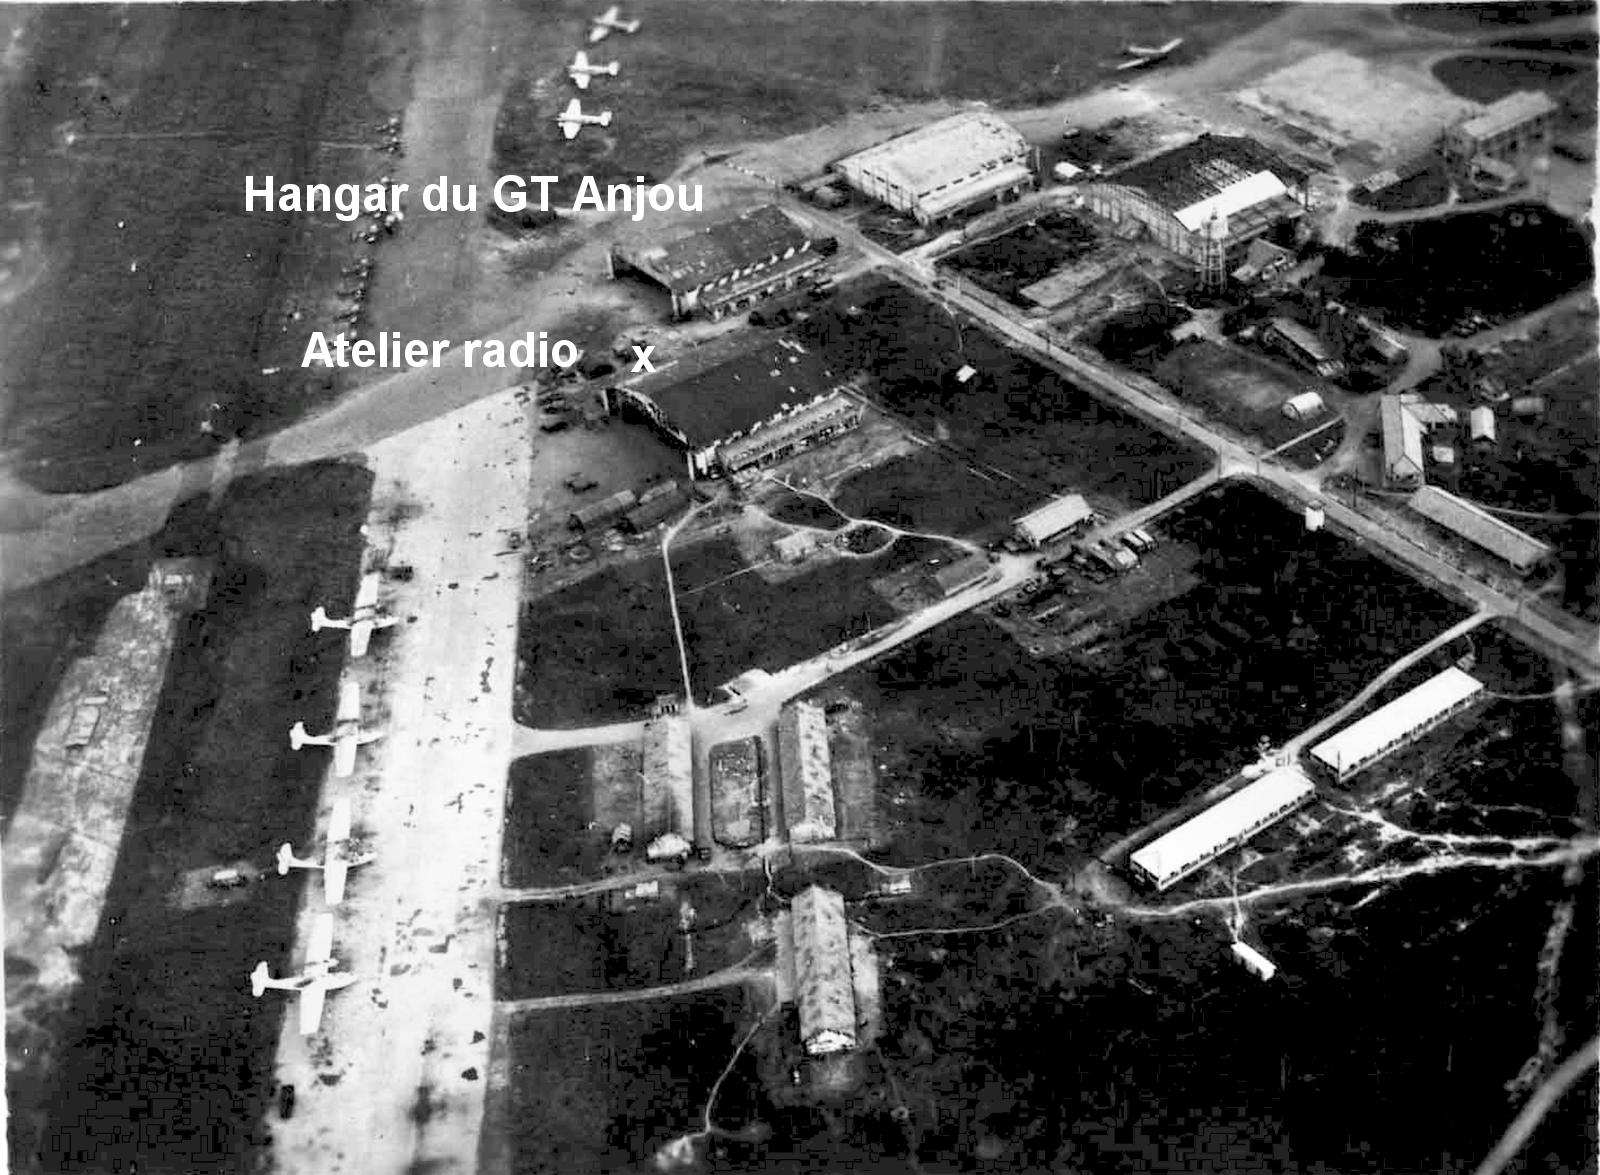 [ Aéronavale divers ] [ 1945-1950 L'histoire des grands oiseaux blancs à tête de loup noir en Indochine 8269551947TansonnhutZoneBasemobile